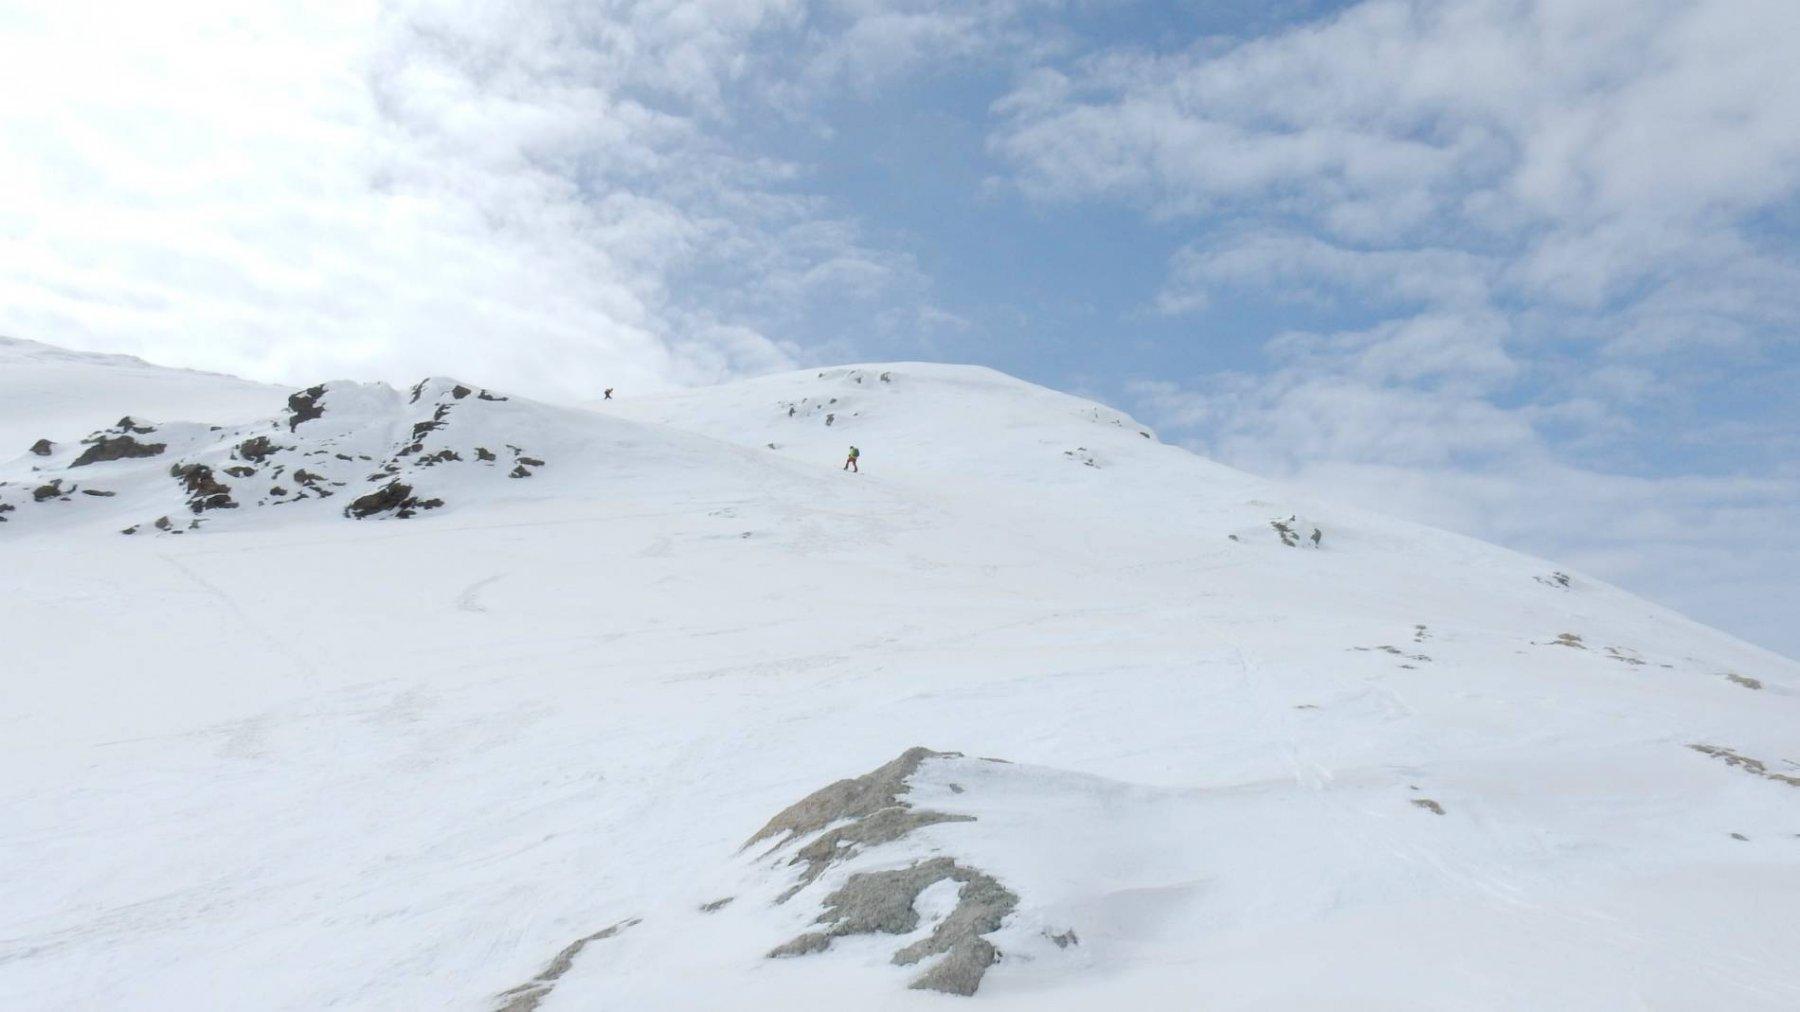 Ultimi metri prima della vetta del Piz Grevasalvas 2932mt.